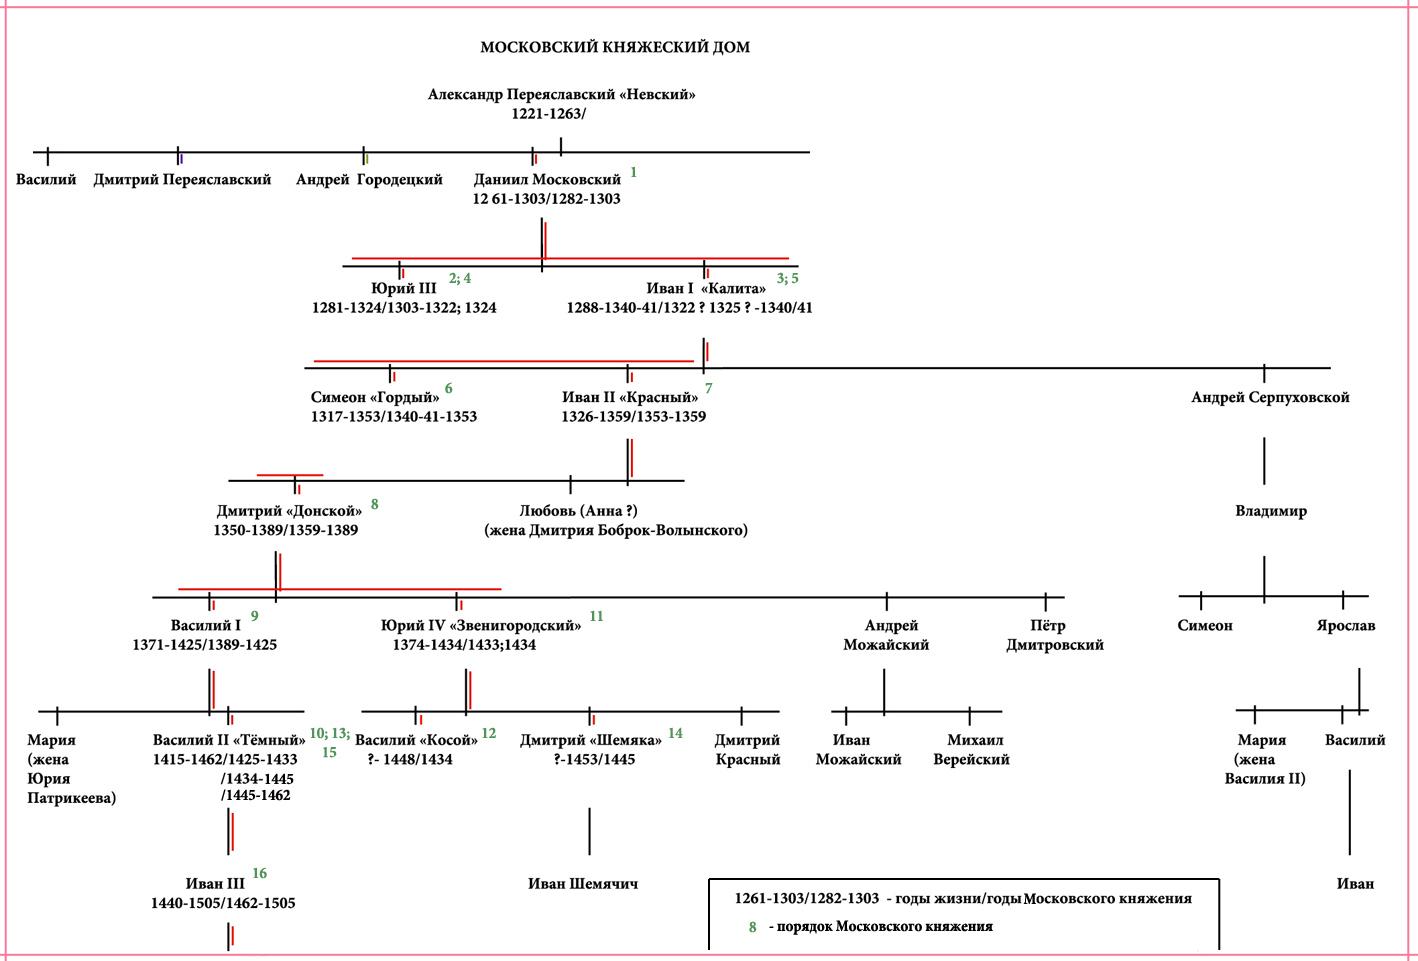 Родословная киевских князей схема